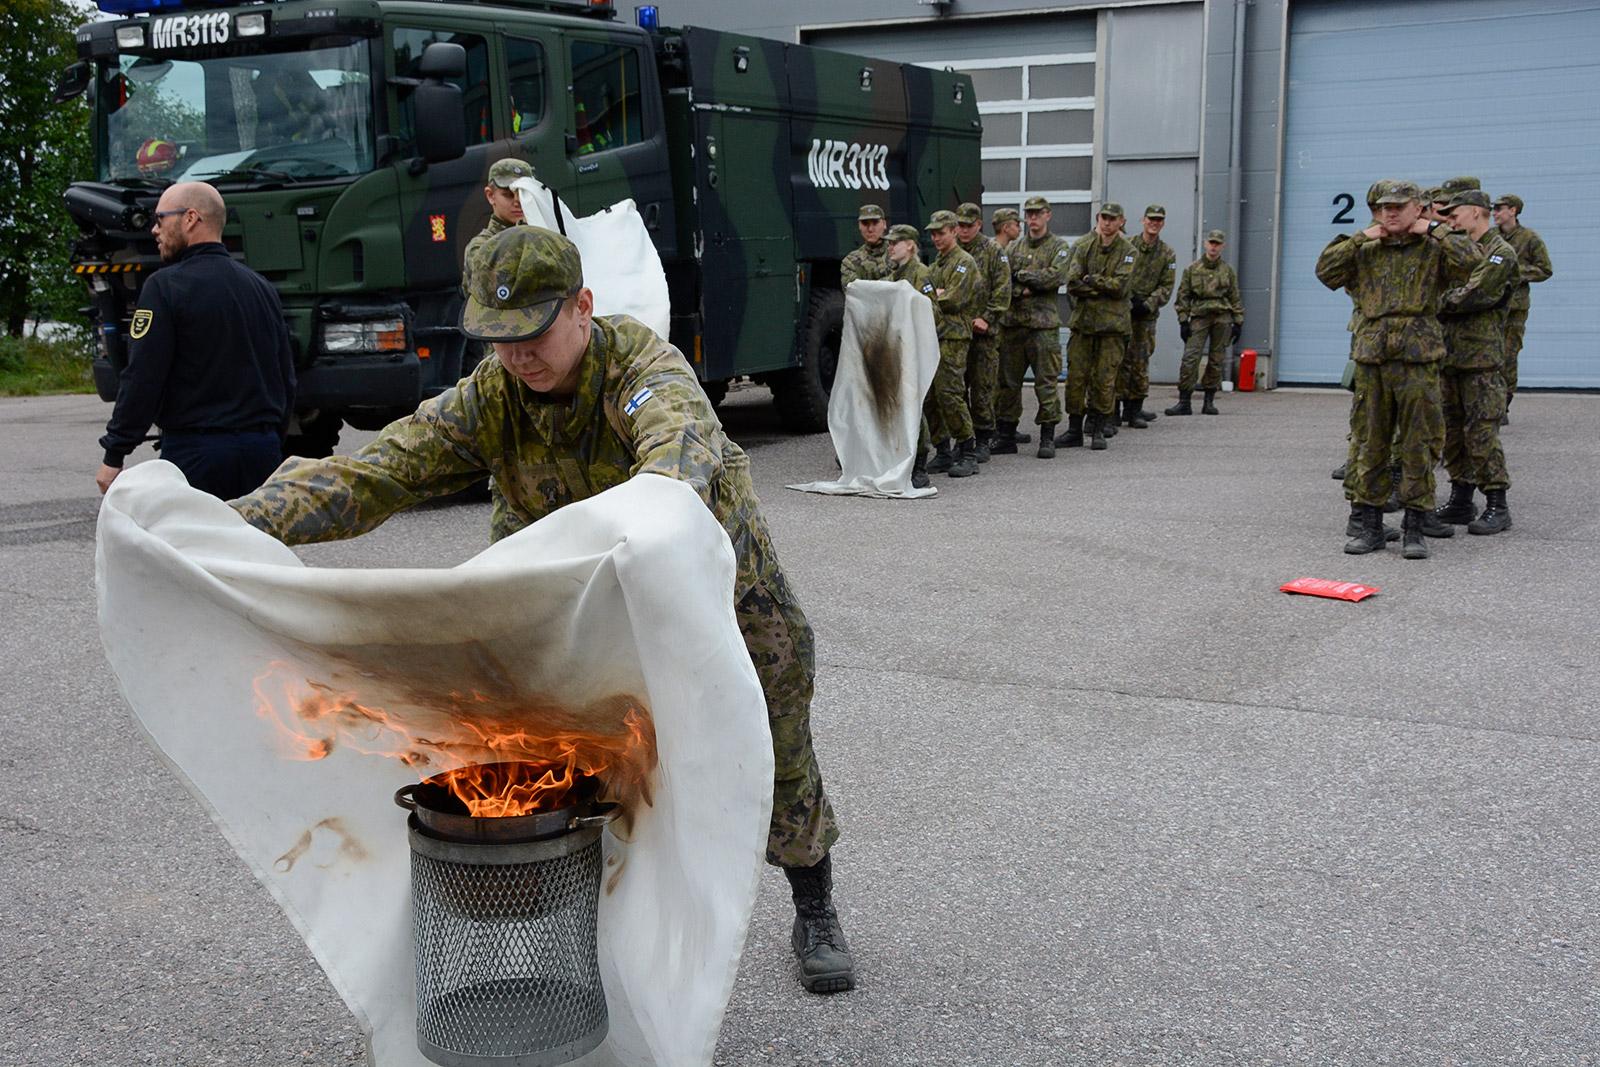 Kaartin jääkärirykmentissä Santahaminassa alkusammutustaitoja oppimassa 1. sotilaspoliisikomppanian 1-joukkue. Sammutuspeitteen käyttö vaikutti olevan haastavin rasti.